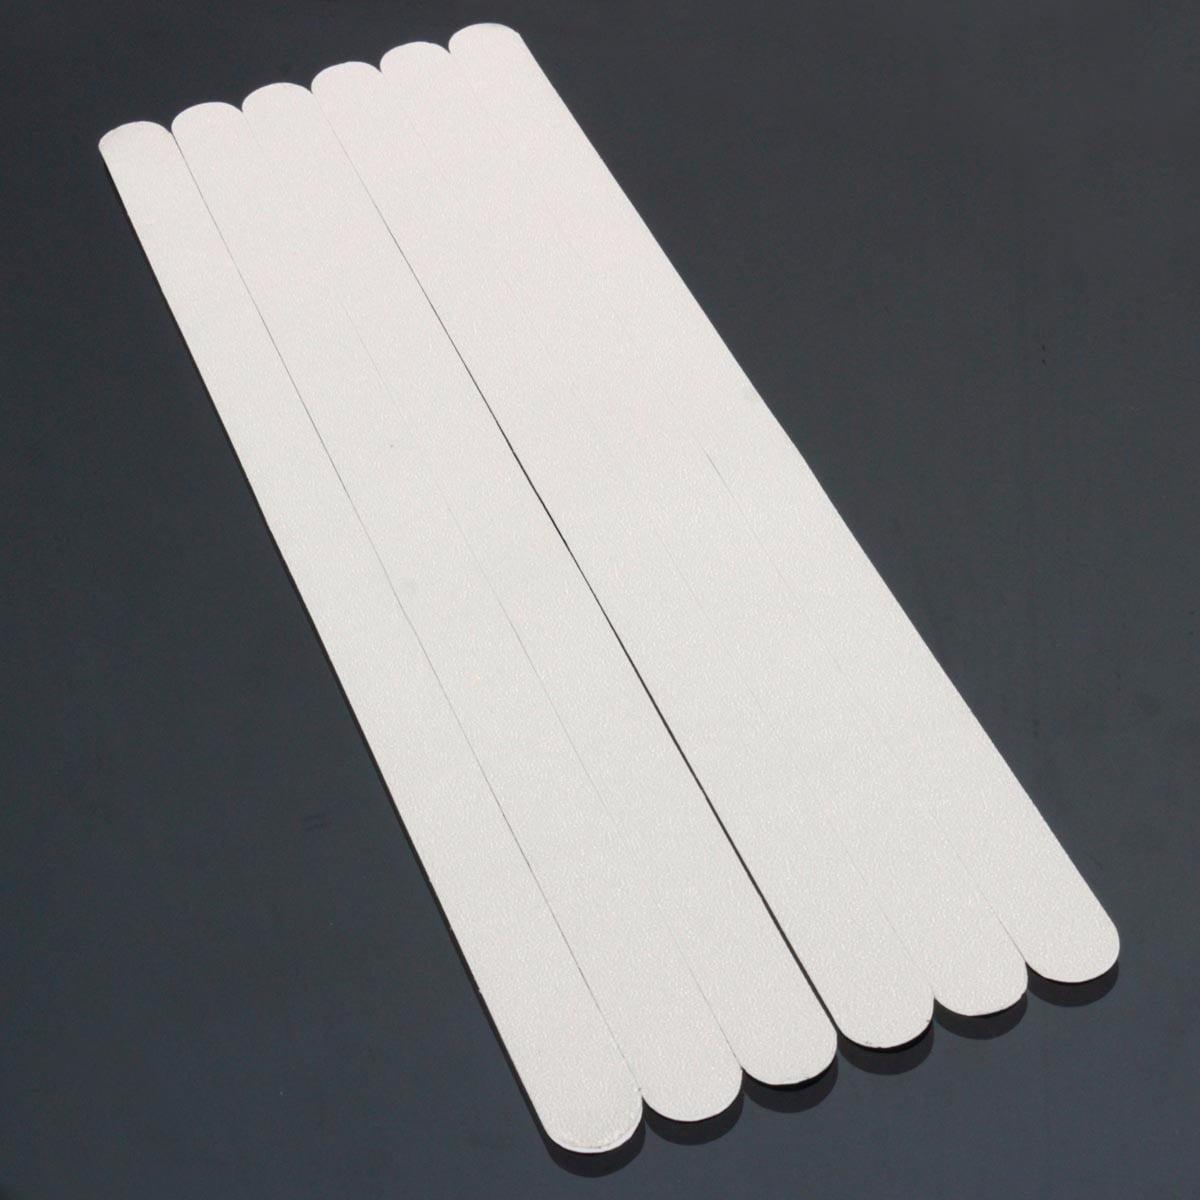 Bath Shower Anti Slip Sticker Non Slip Strips Grip Pad Flooring Safety TapeMatNP